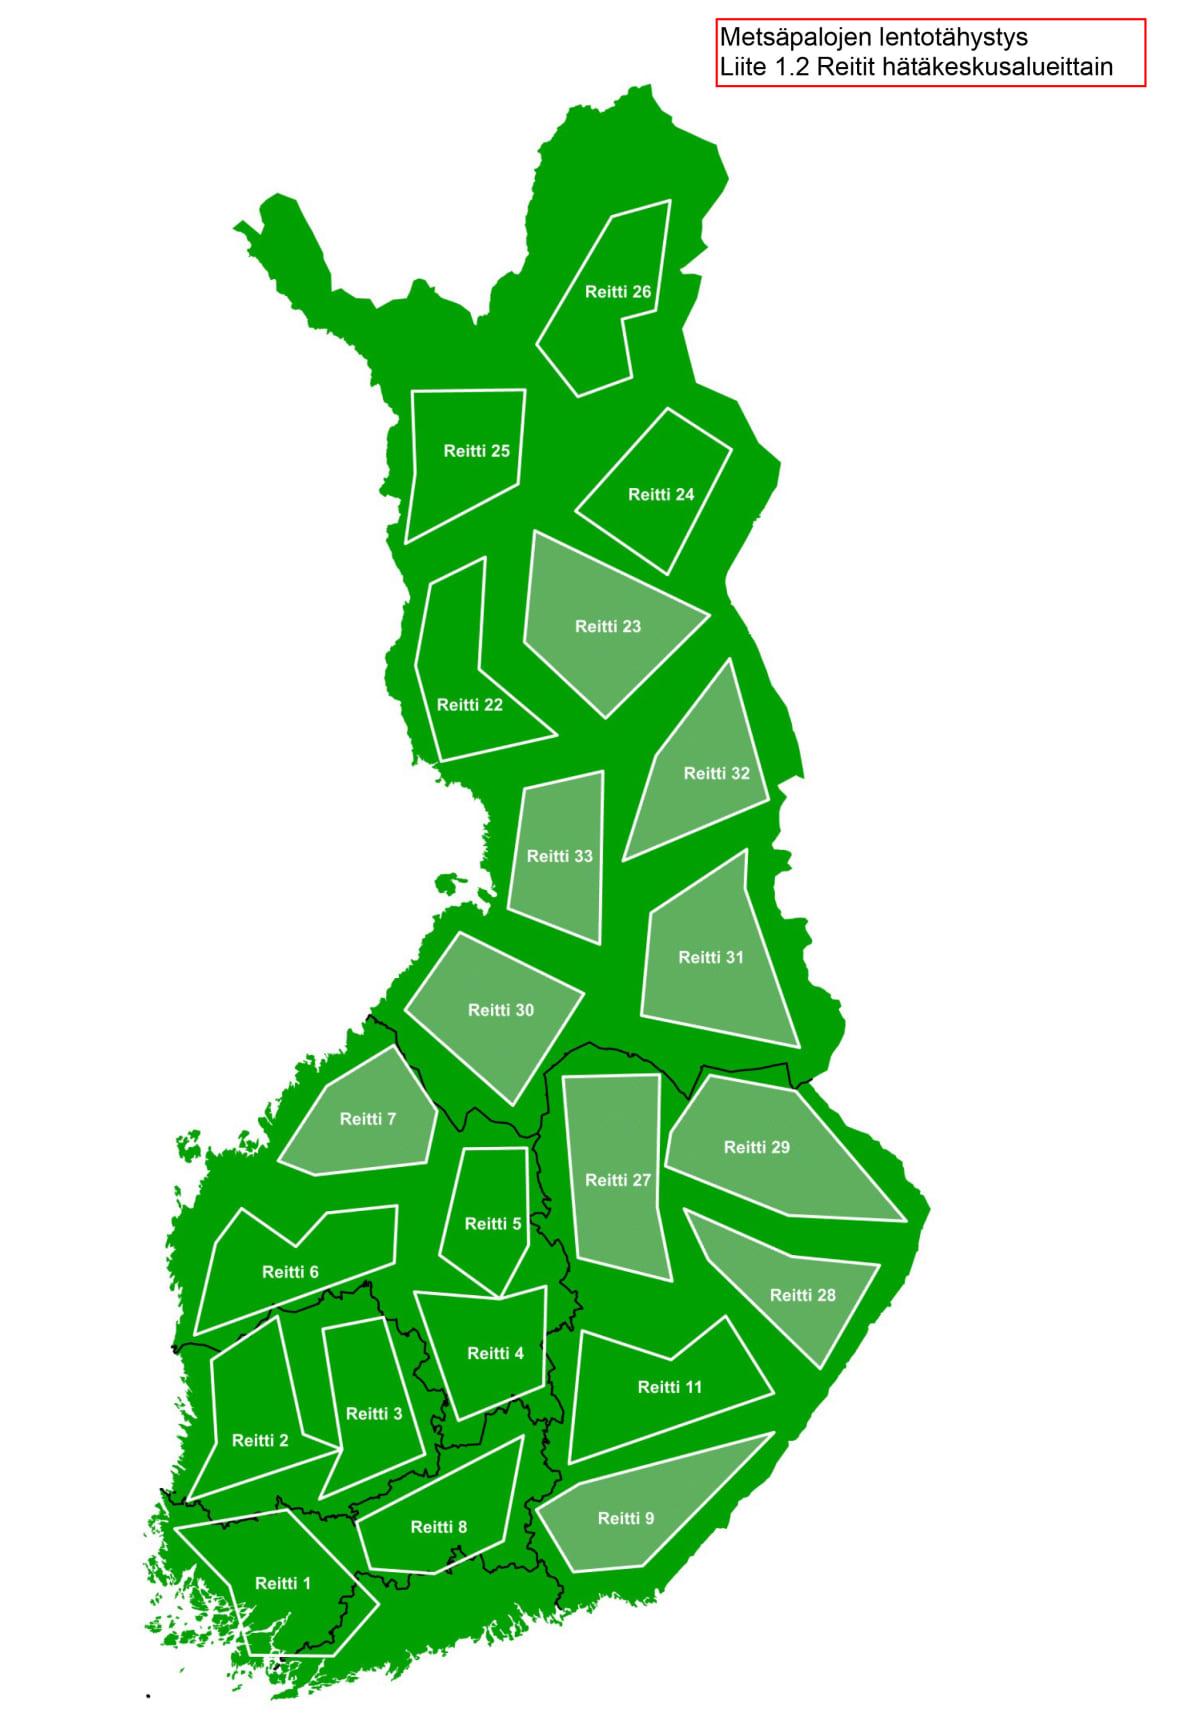 Kuvassa Suomen metsäpalojen tähystyslentojen uudet reitit.